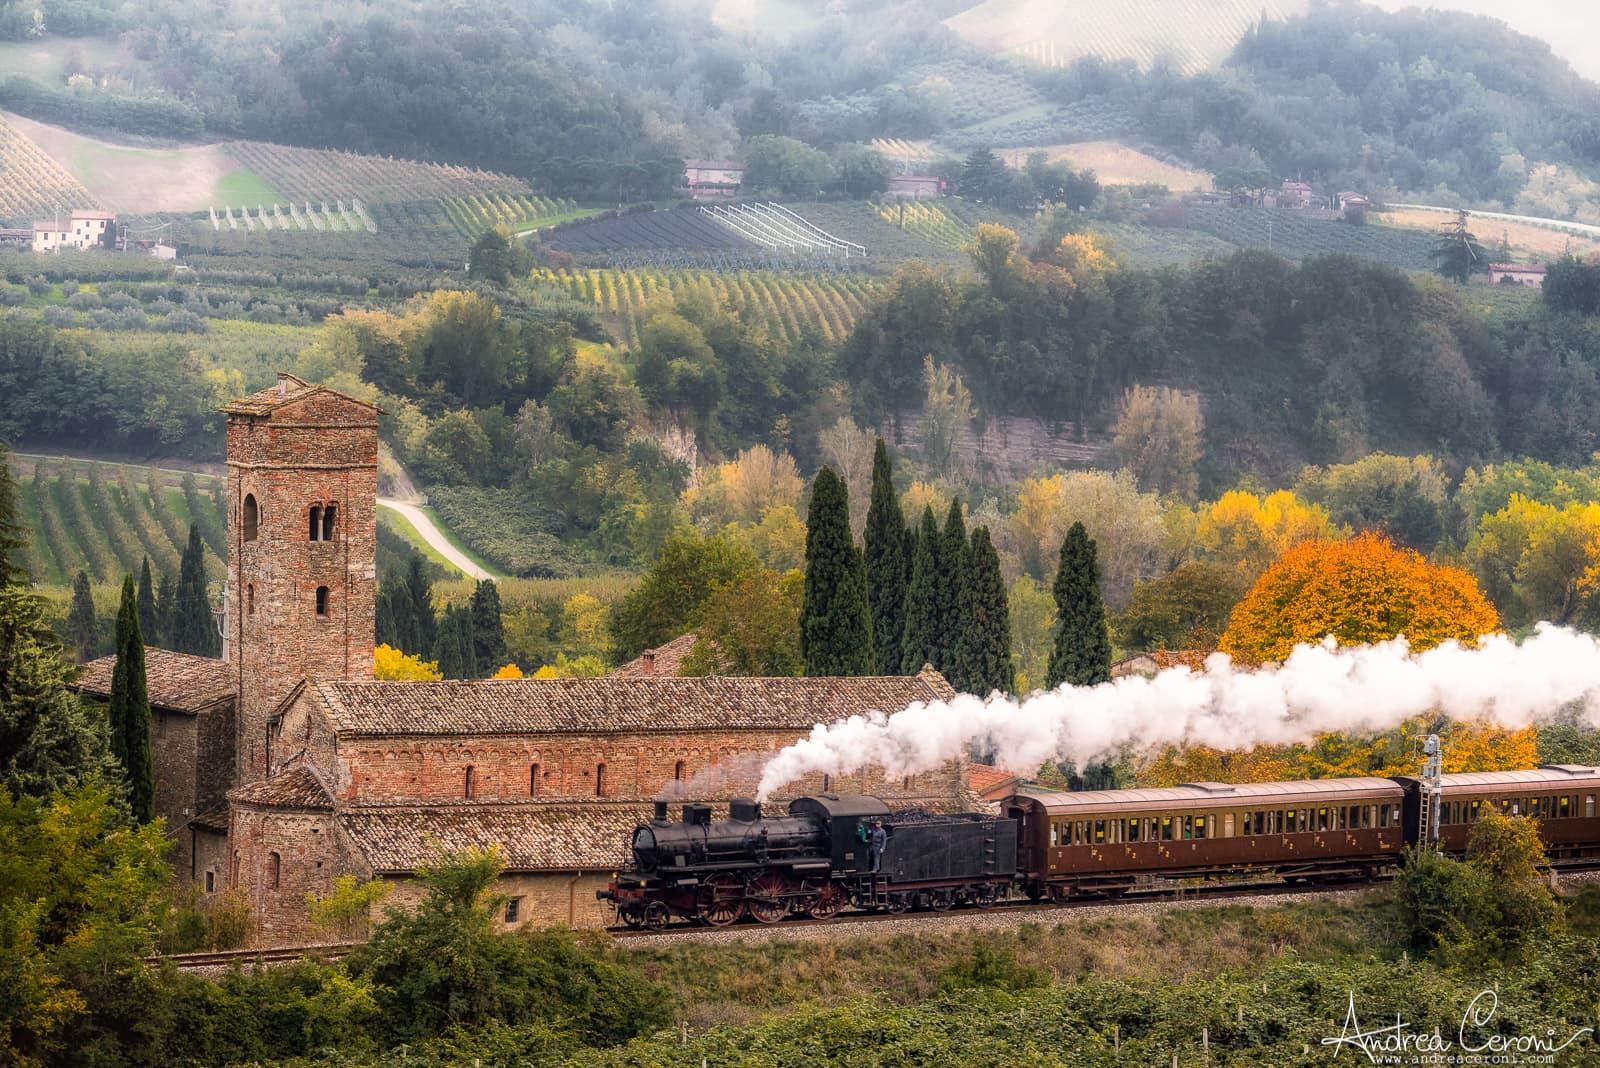 Brisighella-Ravenna Steam Train | Ph. Andrea Ceroni